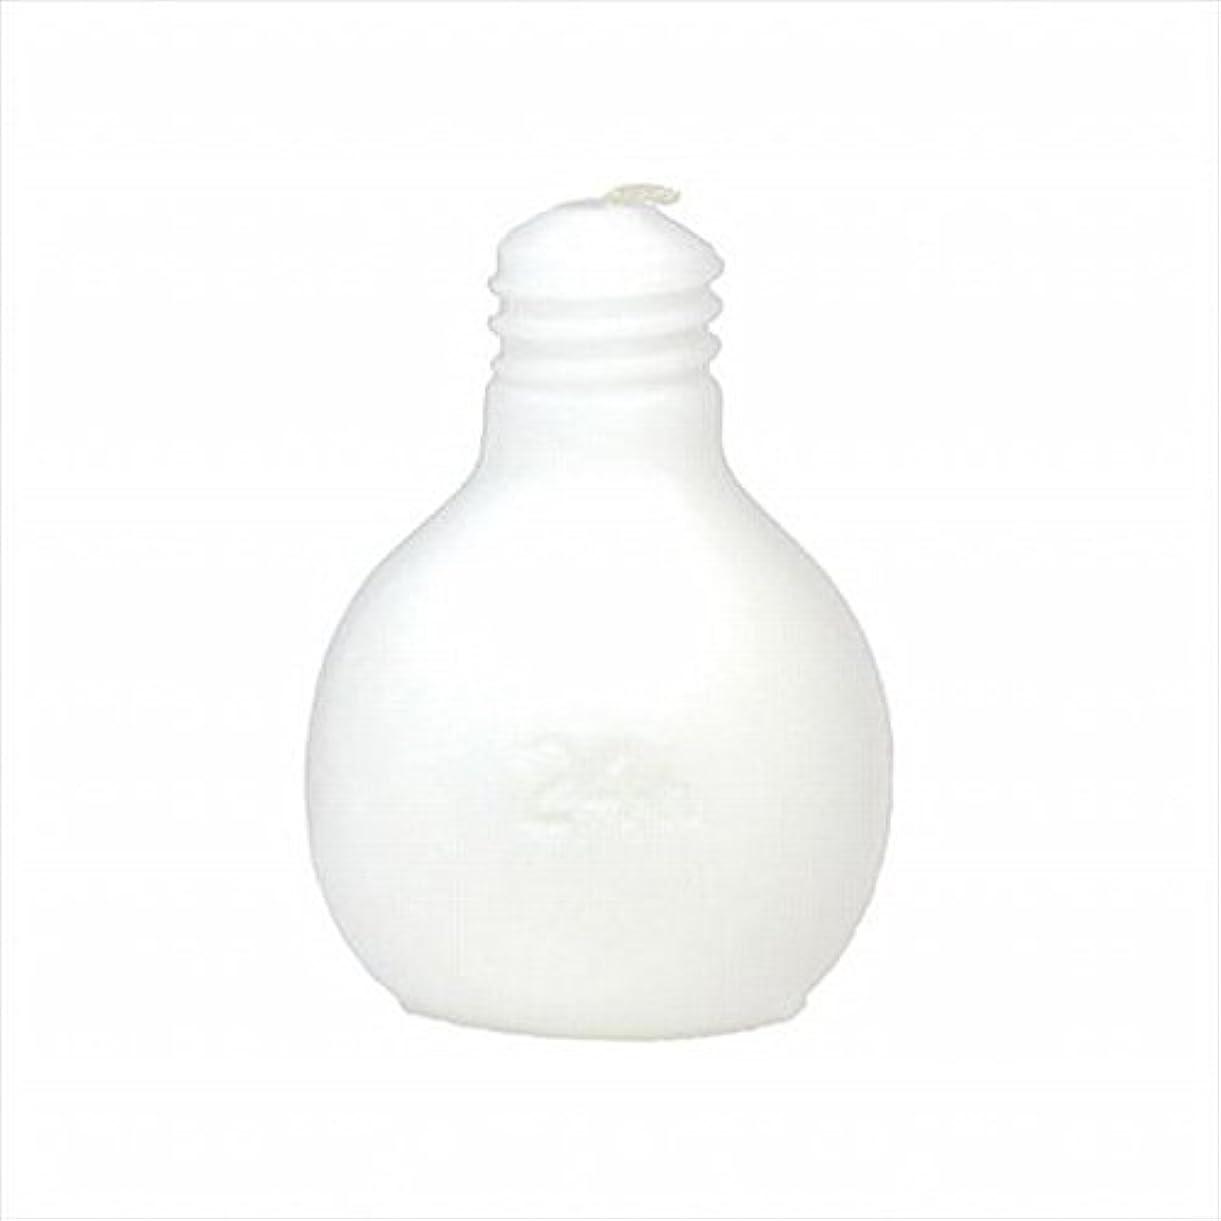 漏れマニアストリームkameyama candle(カメヤマキャンドル) 節電球キャンドル 「 ホワイト 」 キャンドル 75x75x98mm (A4220000W)